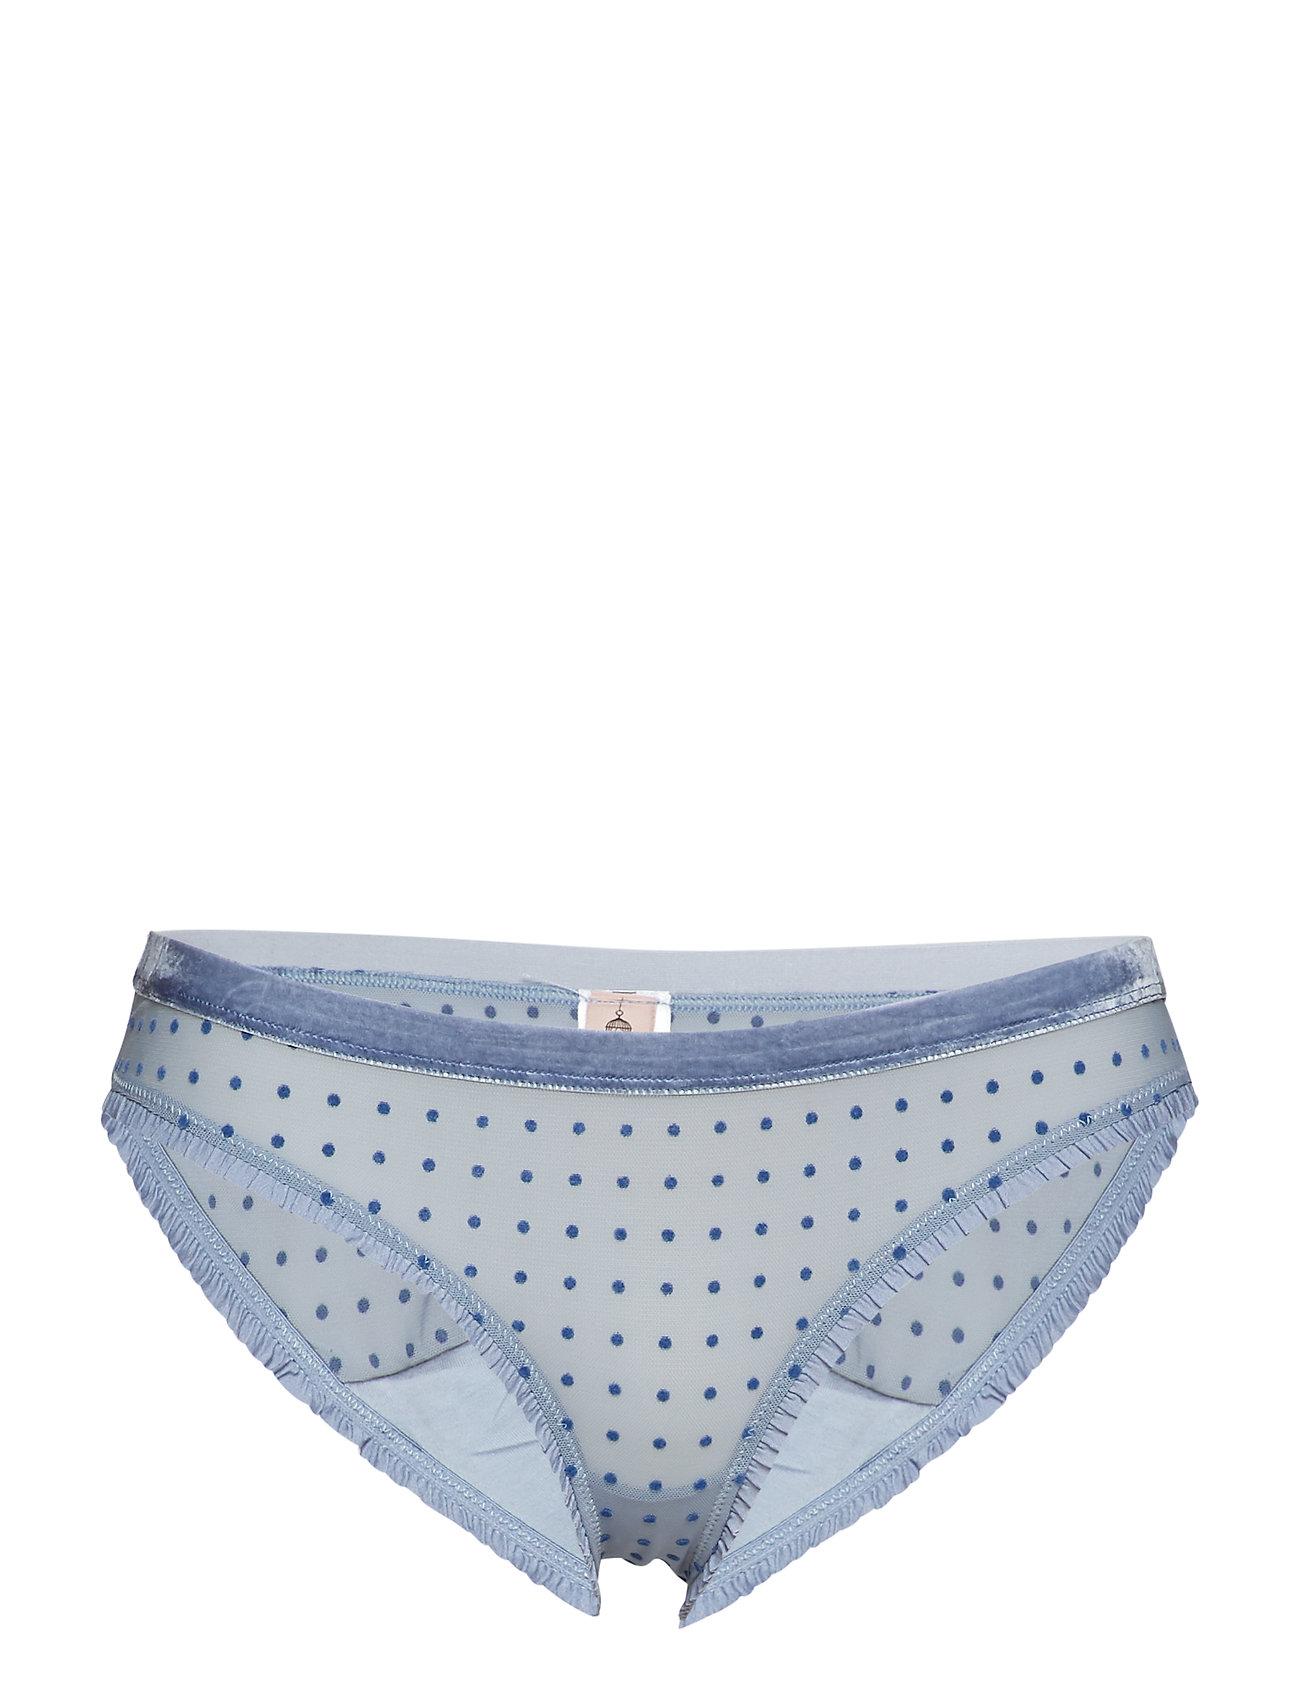 BECKSÖNDERGAARD Tallie Soft Dot Bottom - COUNTRY BLUE